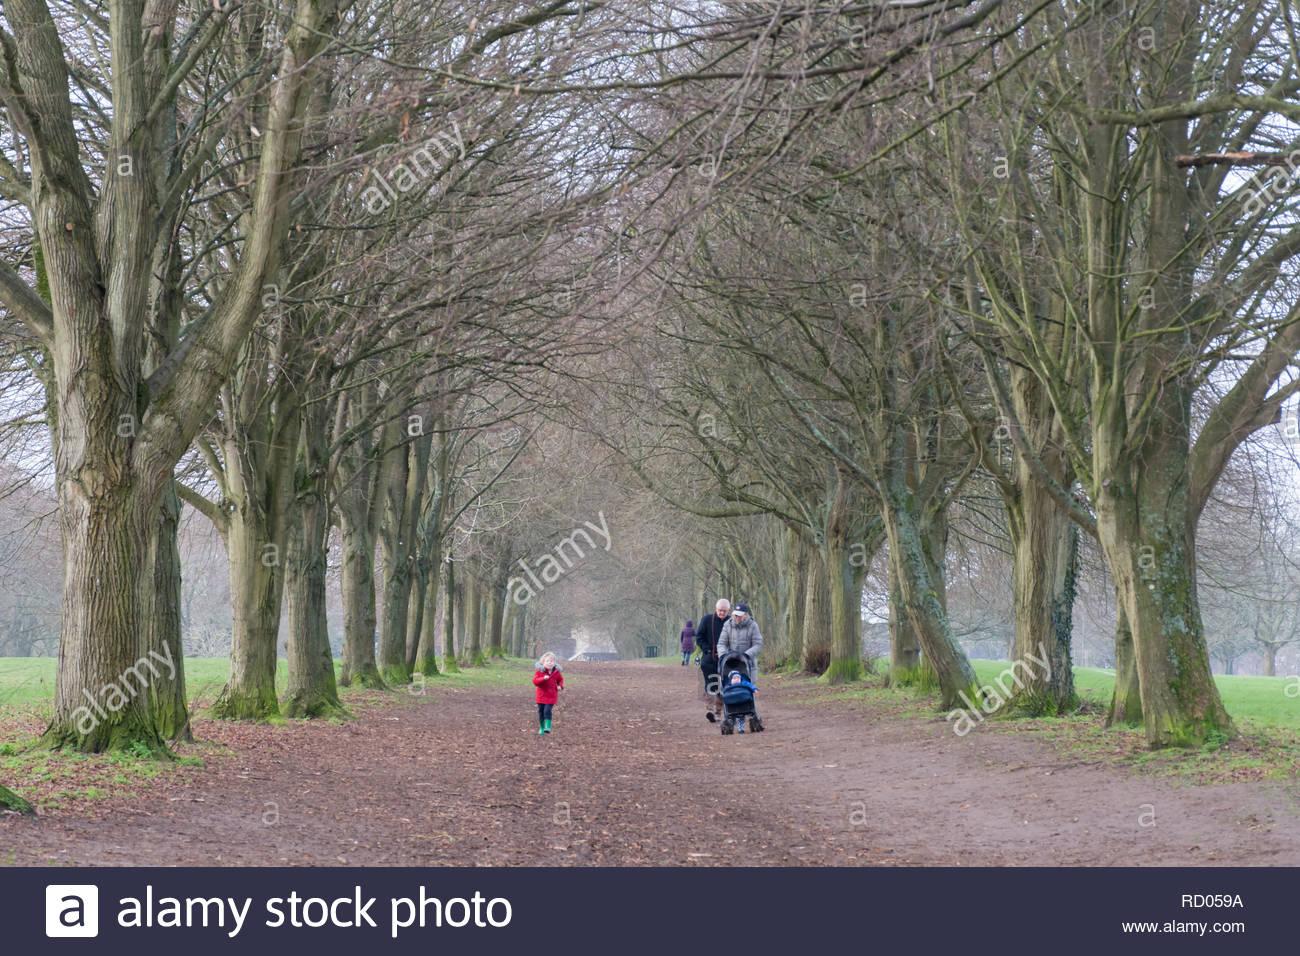 Persone di andare a fare una passeggiata invernale sotto un viale di alberi nel Parco di Farnham, Surrey, Regno Unito. La vita di tutti i giorni. Immagini Stock